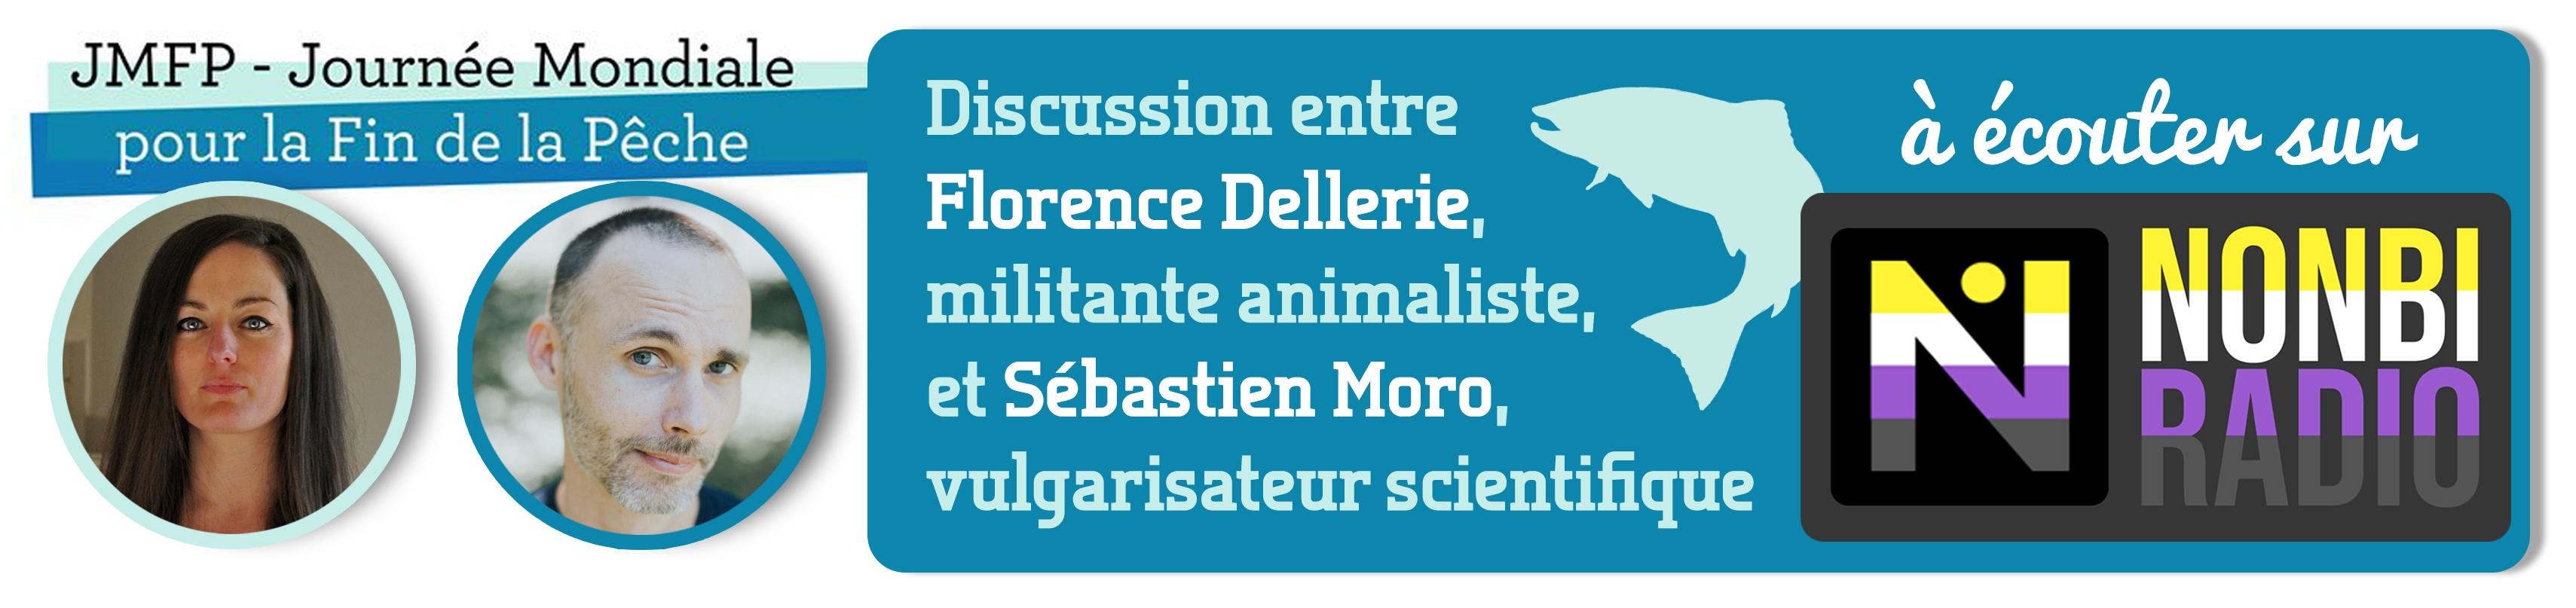 Bannière entretien Sébastien Moro